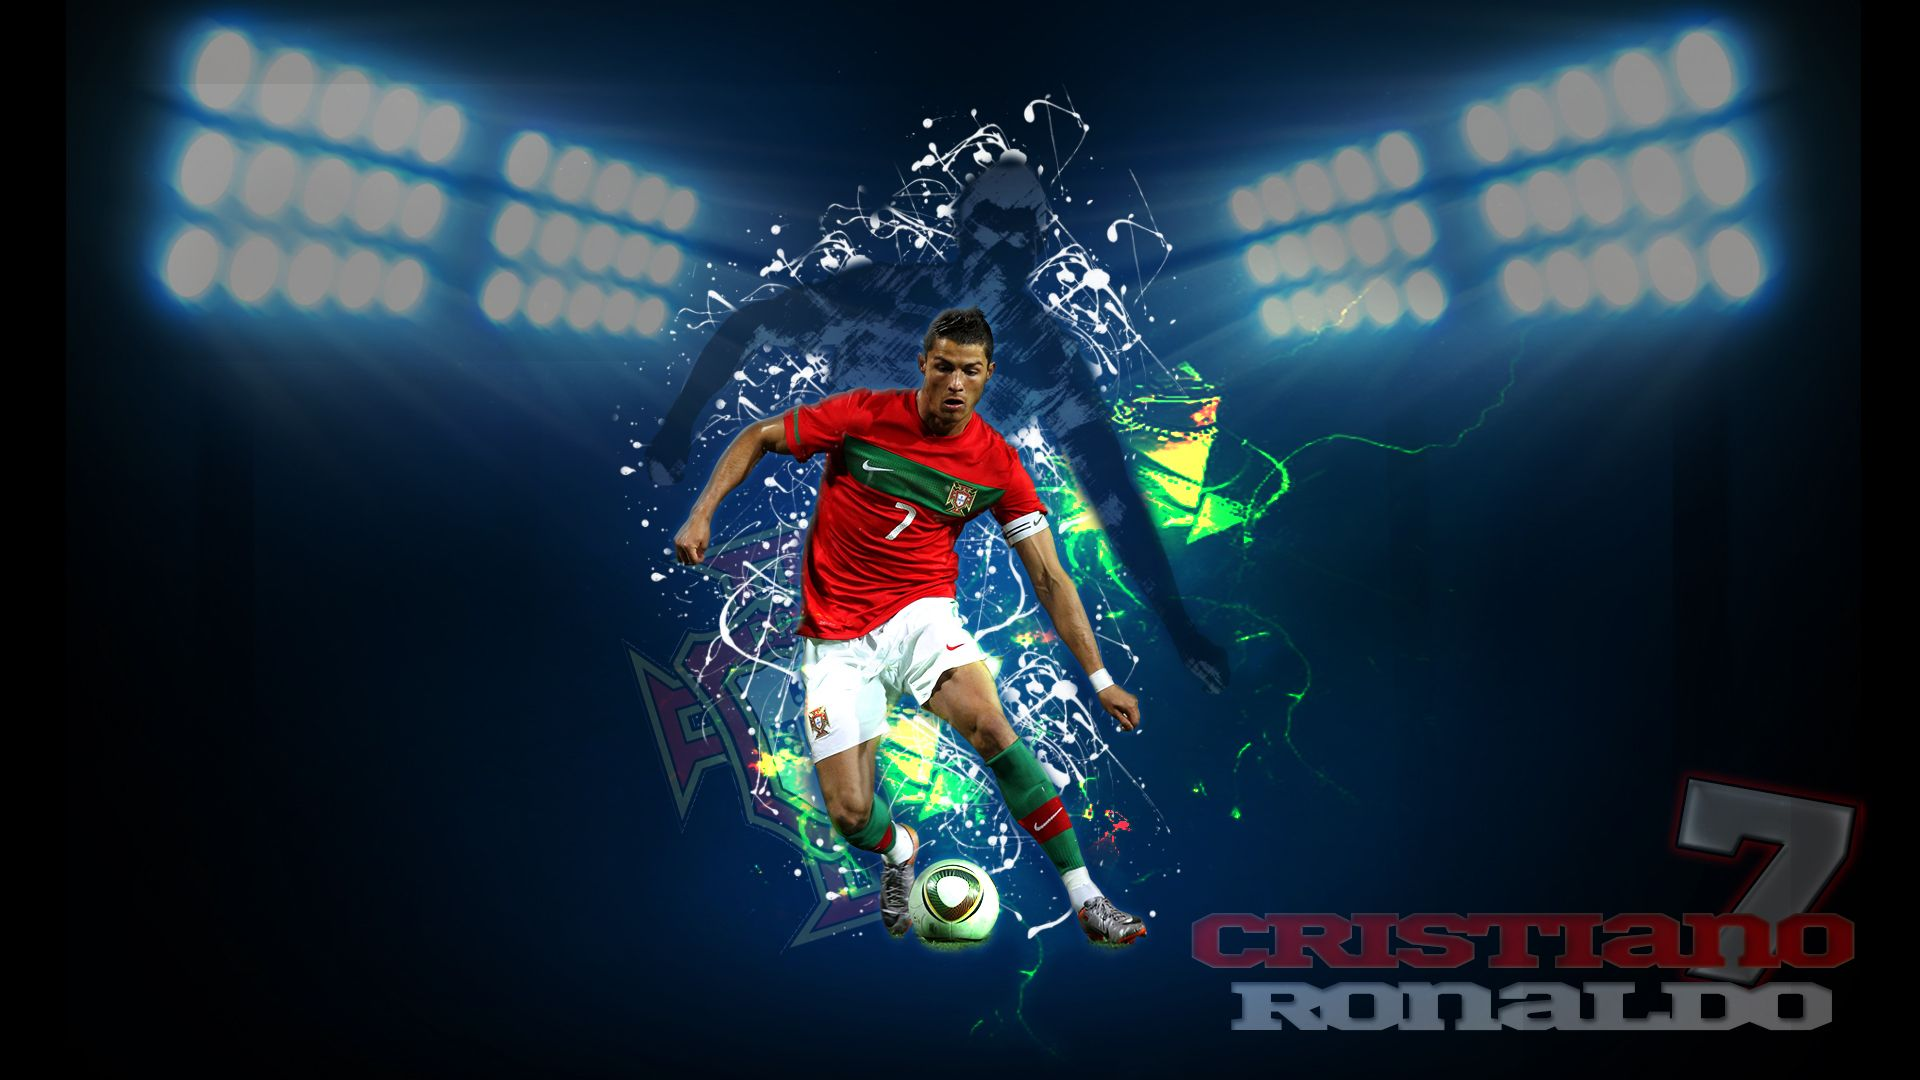 Cristiano Ronaldo Image Wallpaper